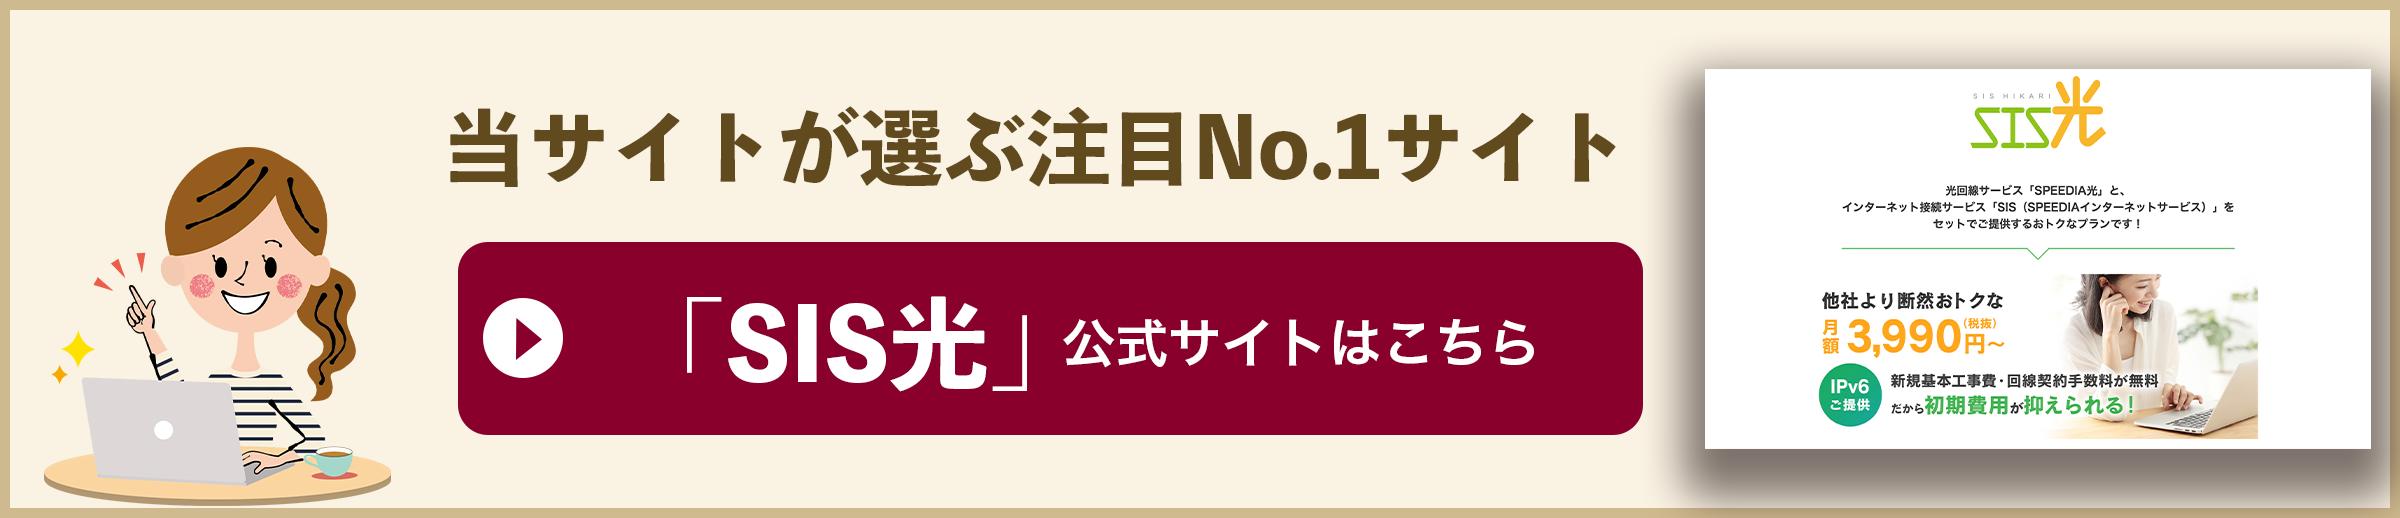 当サイトが選ぶ注目No.1サイト SIS光